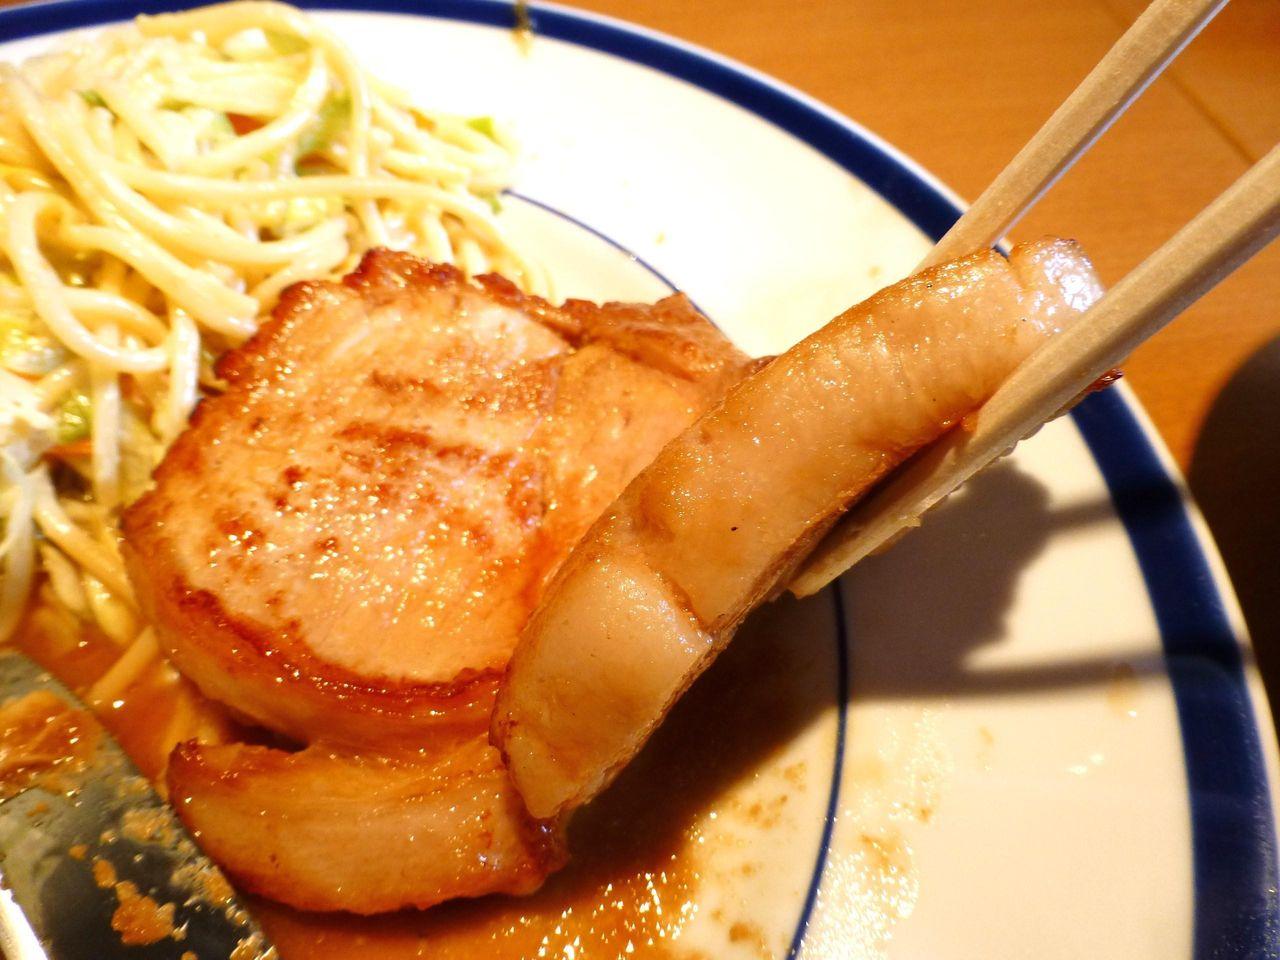 ポークソテーは、厚さ1.5センチの豚ロース肉を使用!